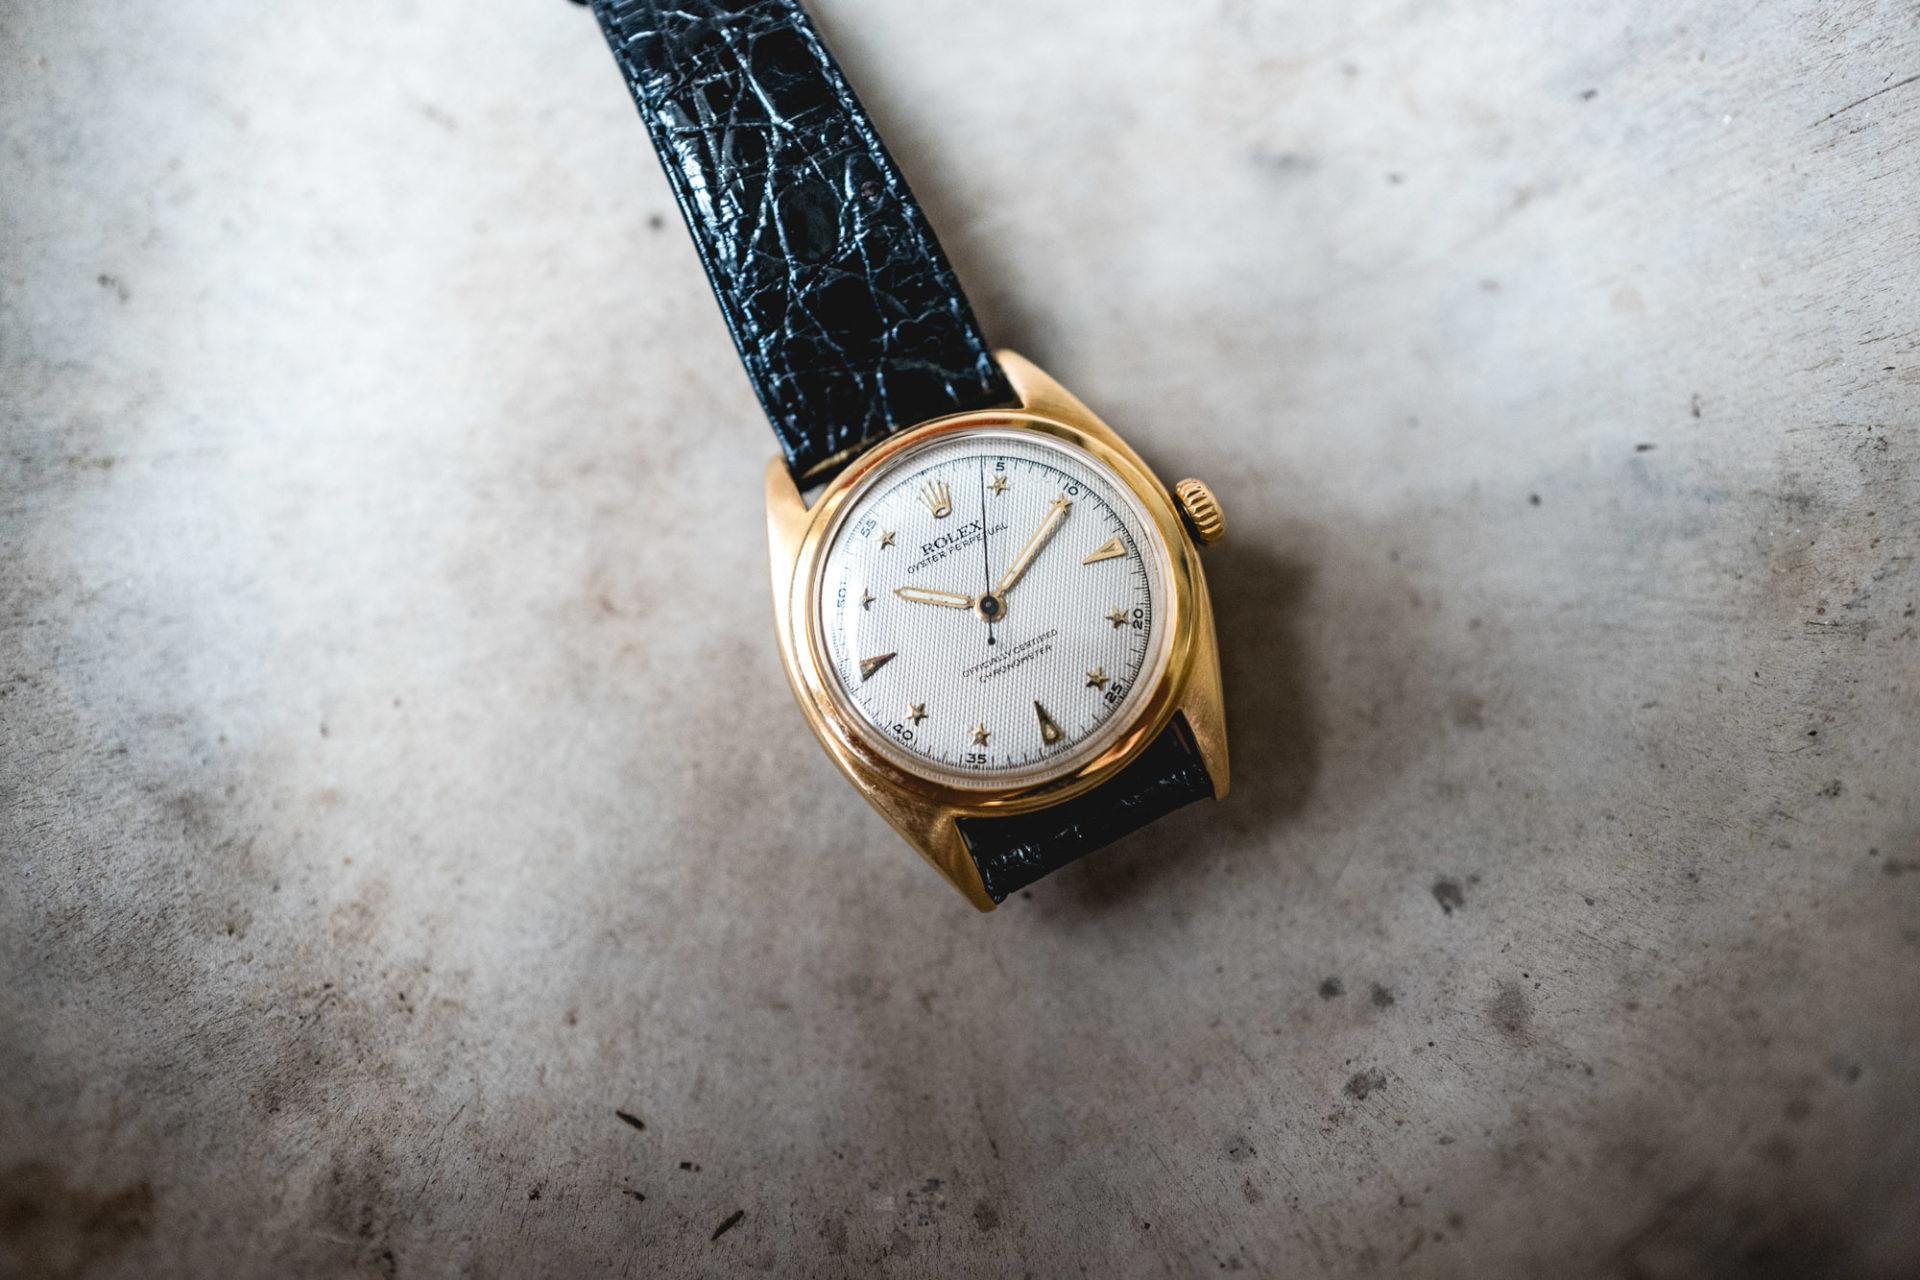 Tajan - Vente de montres du 11 décembre - Rolex Oyster Perpetual Ref. 6098Tajan - Vente de montres du 11 décembre - Rolex Oyster Perpetual Ref. 6098